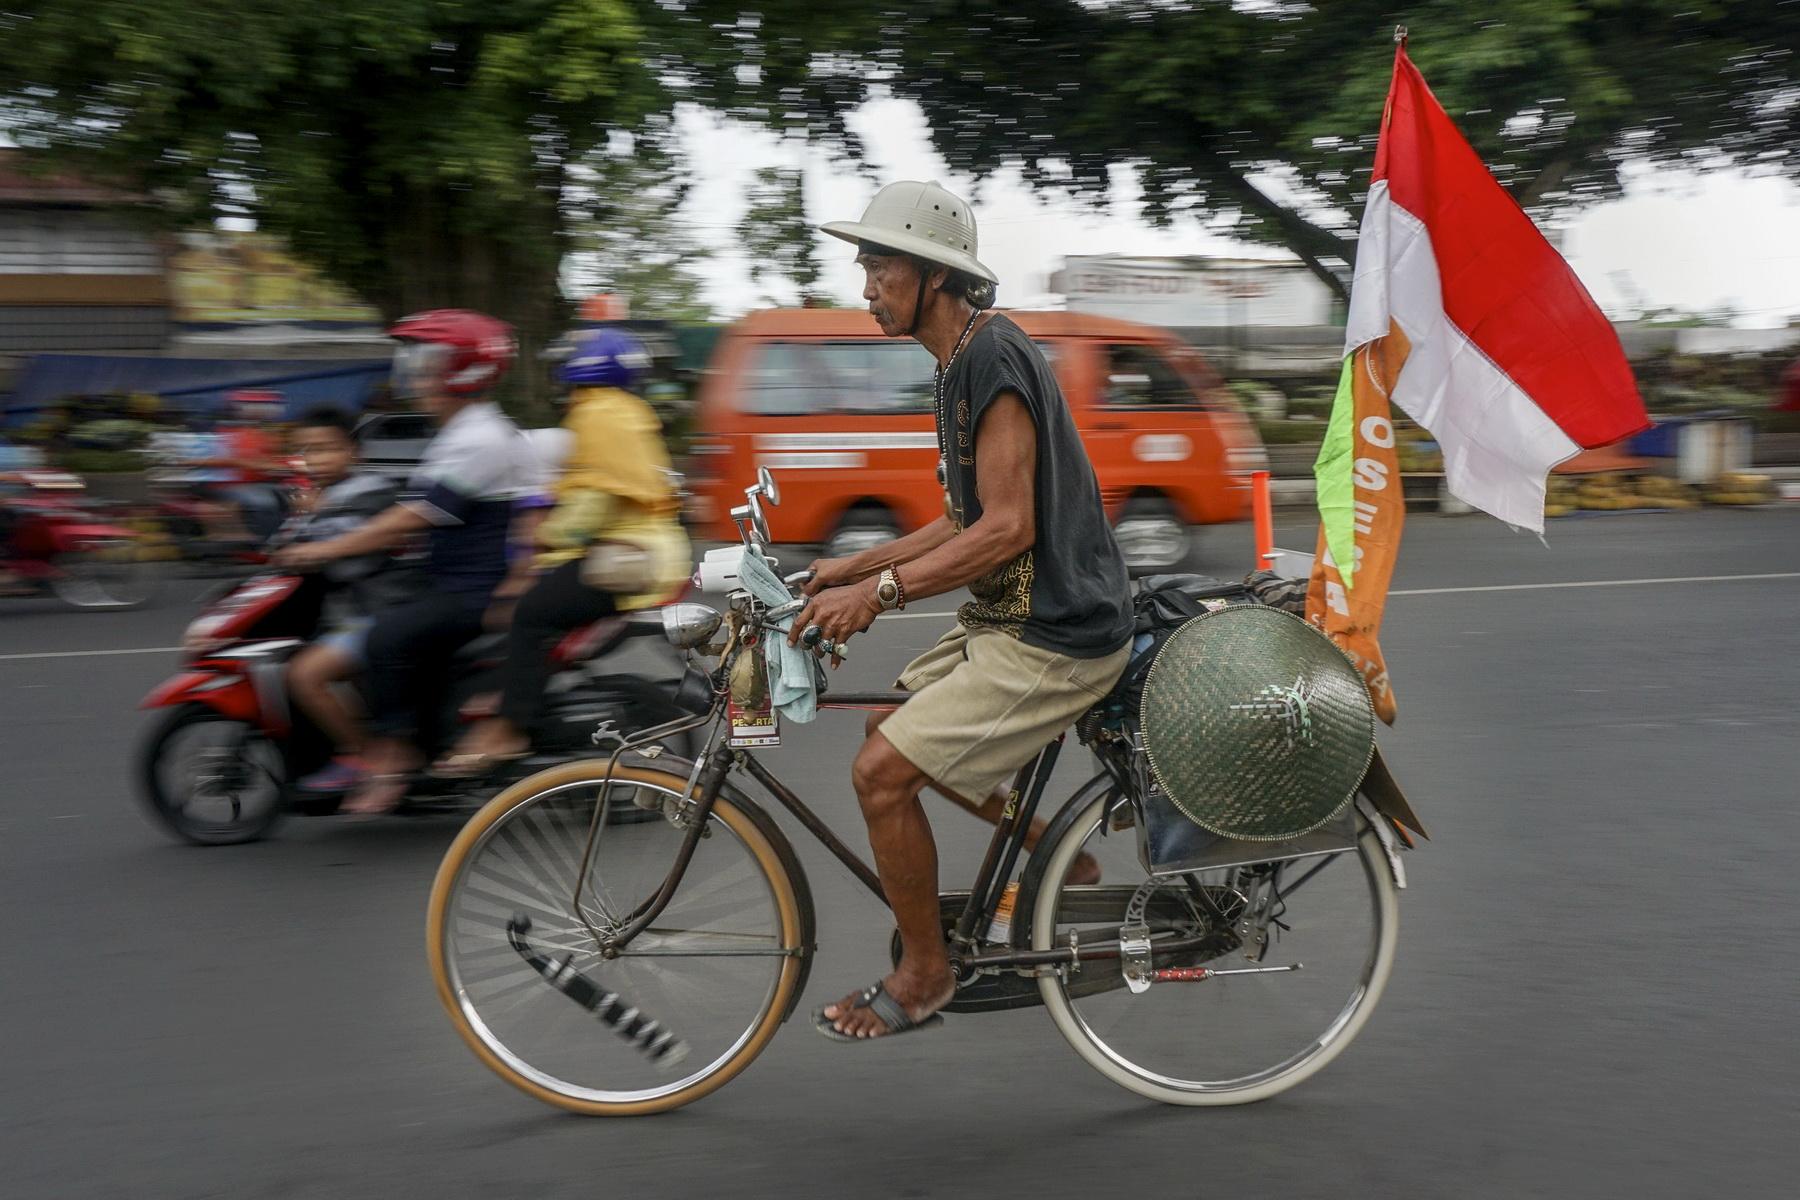 92 Foto Gambar Lucu Naik Sepeda Paling Bagus